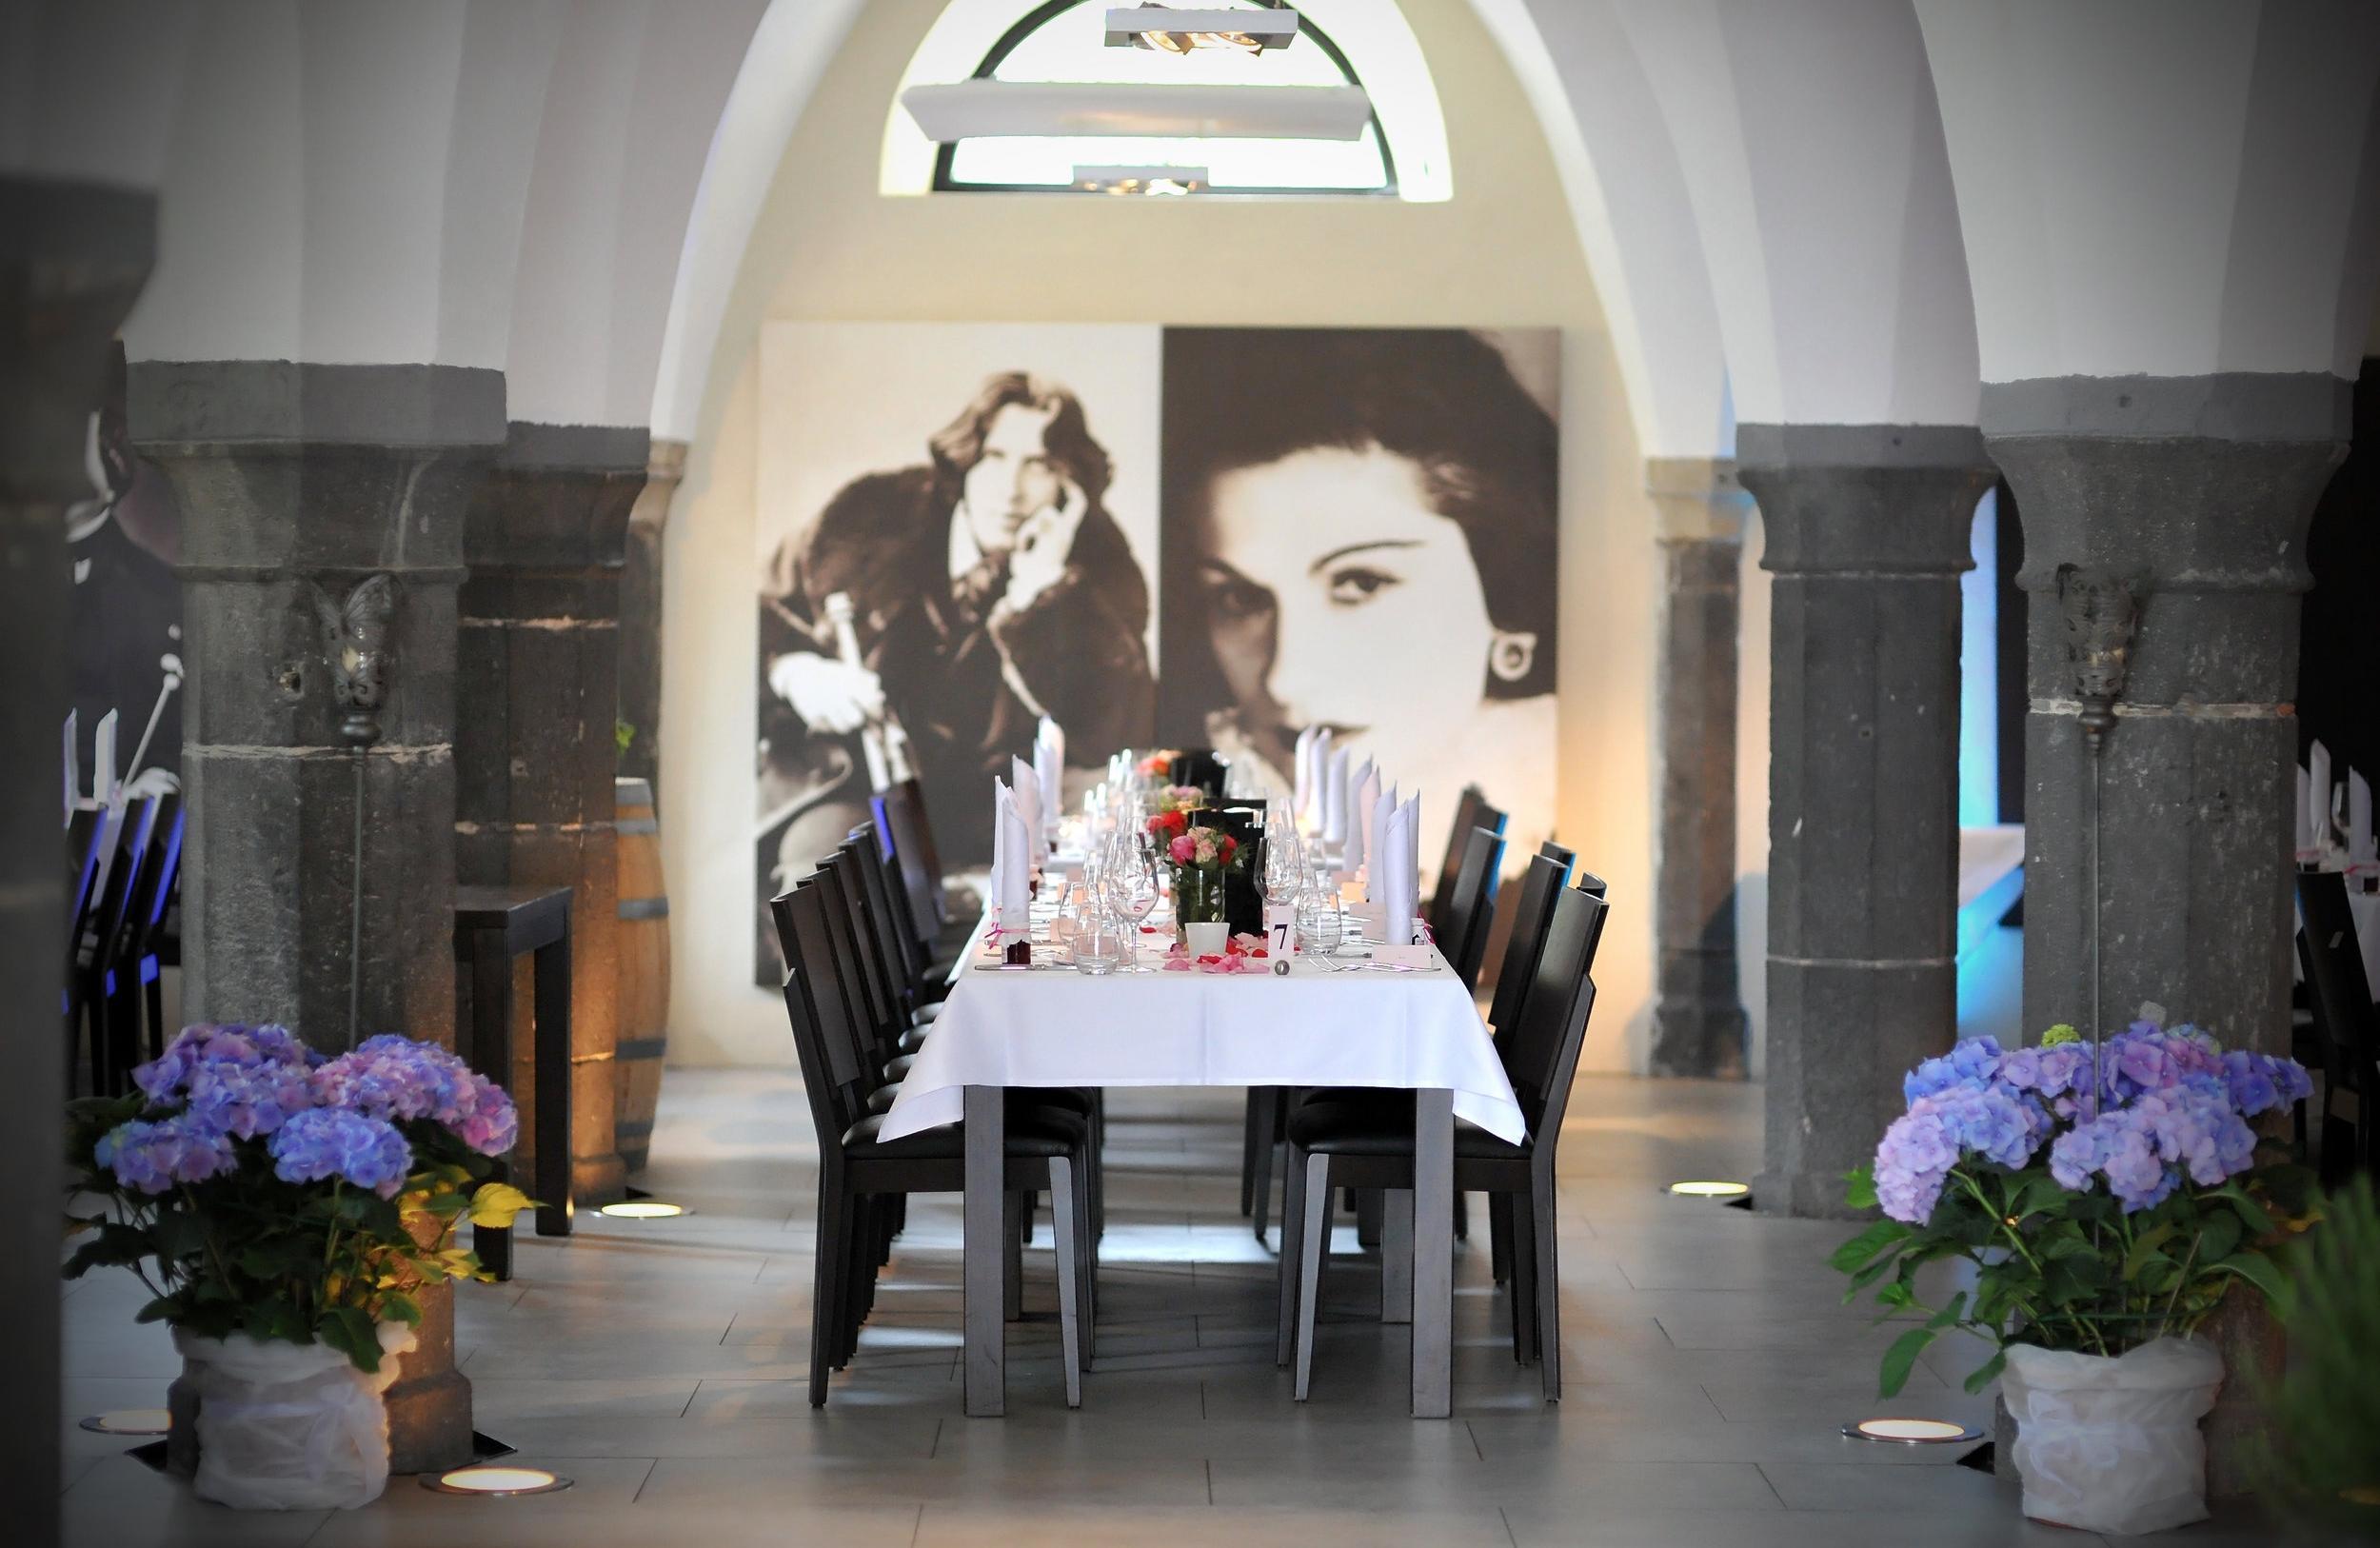 Nicole Bouillon Hochzeitsfotograf fuer Hochzeitsreportagen und Hochzeitsfotos im Raum Koblenz, Lahnstein, Neuwied, Andernach, Eifel und Umgebung